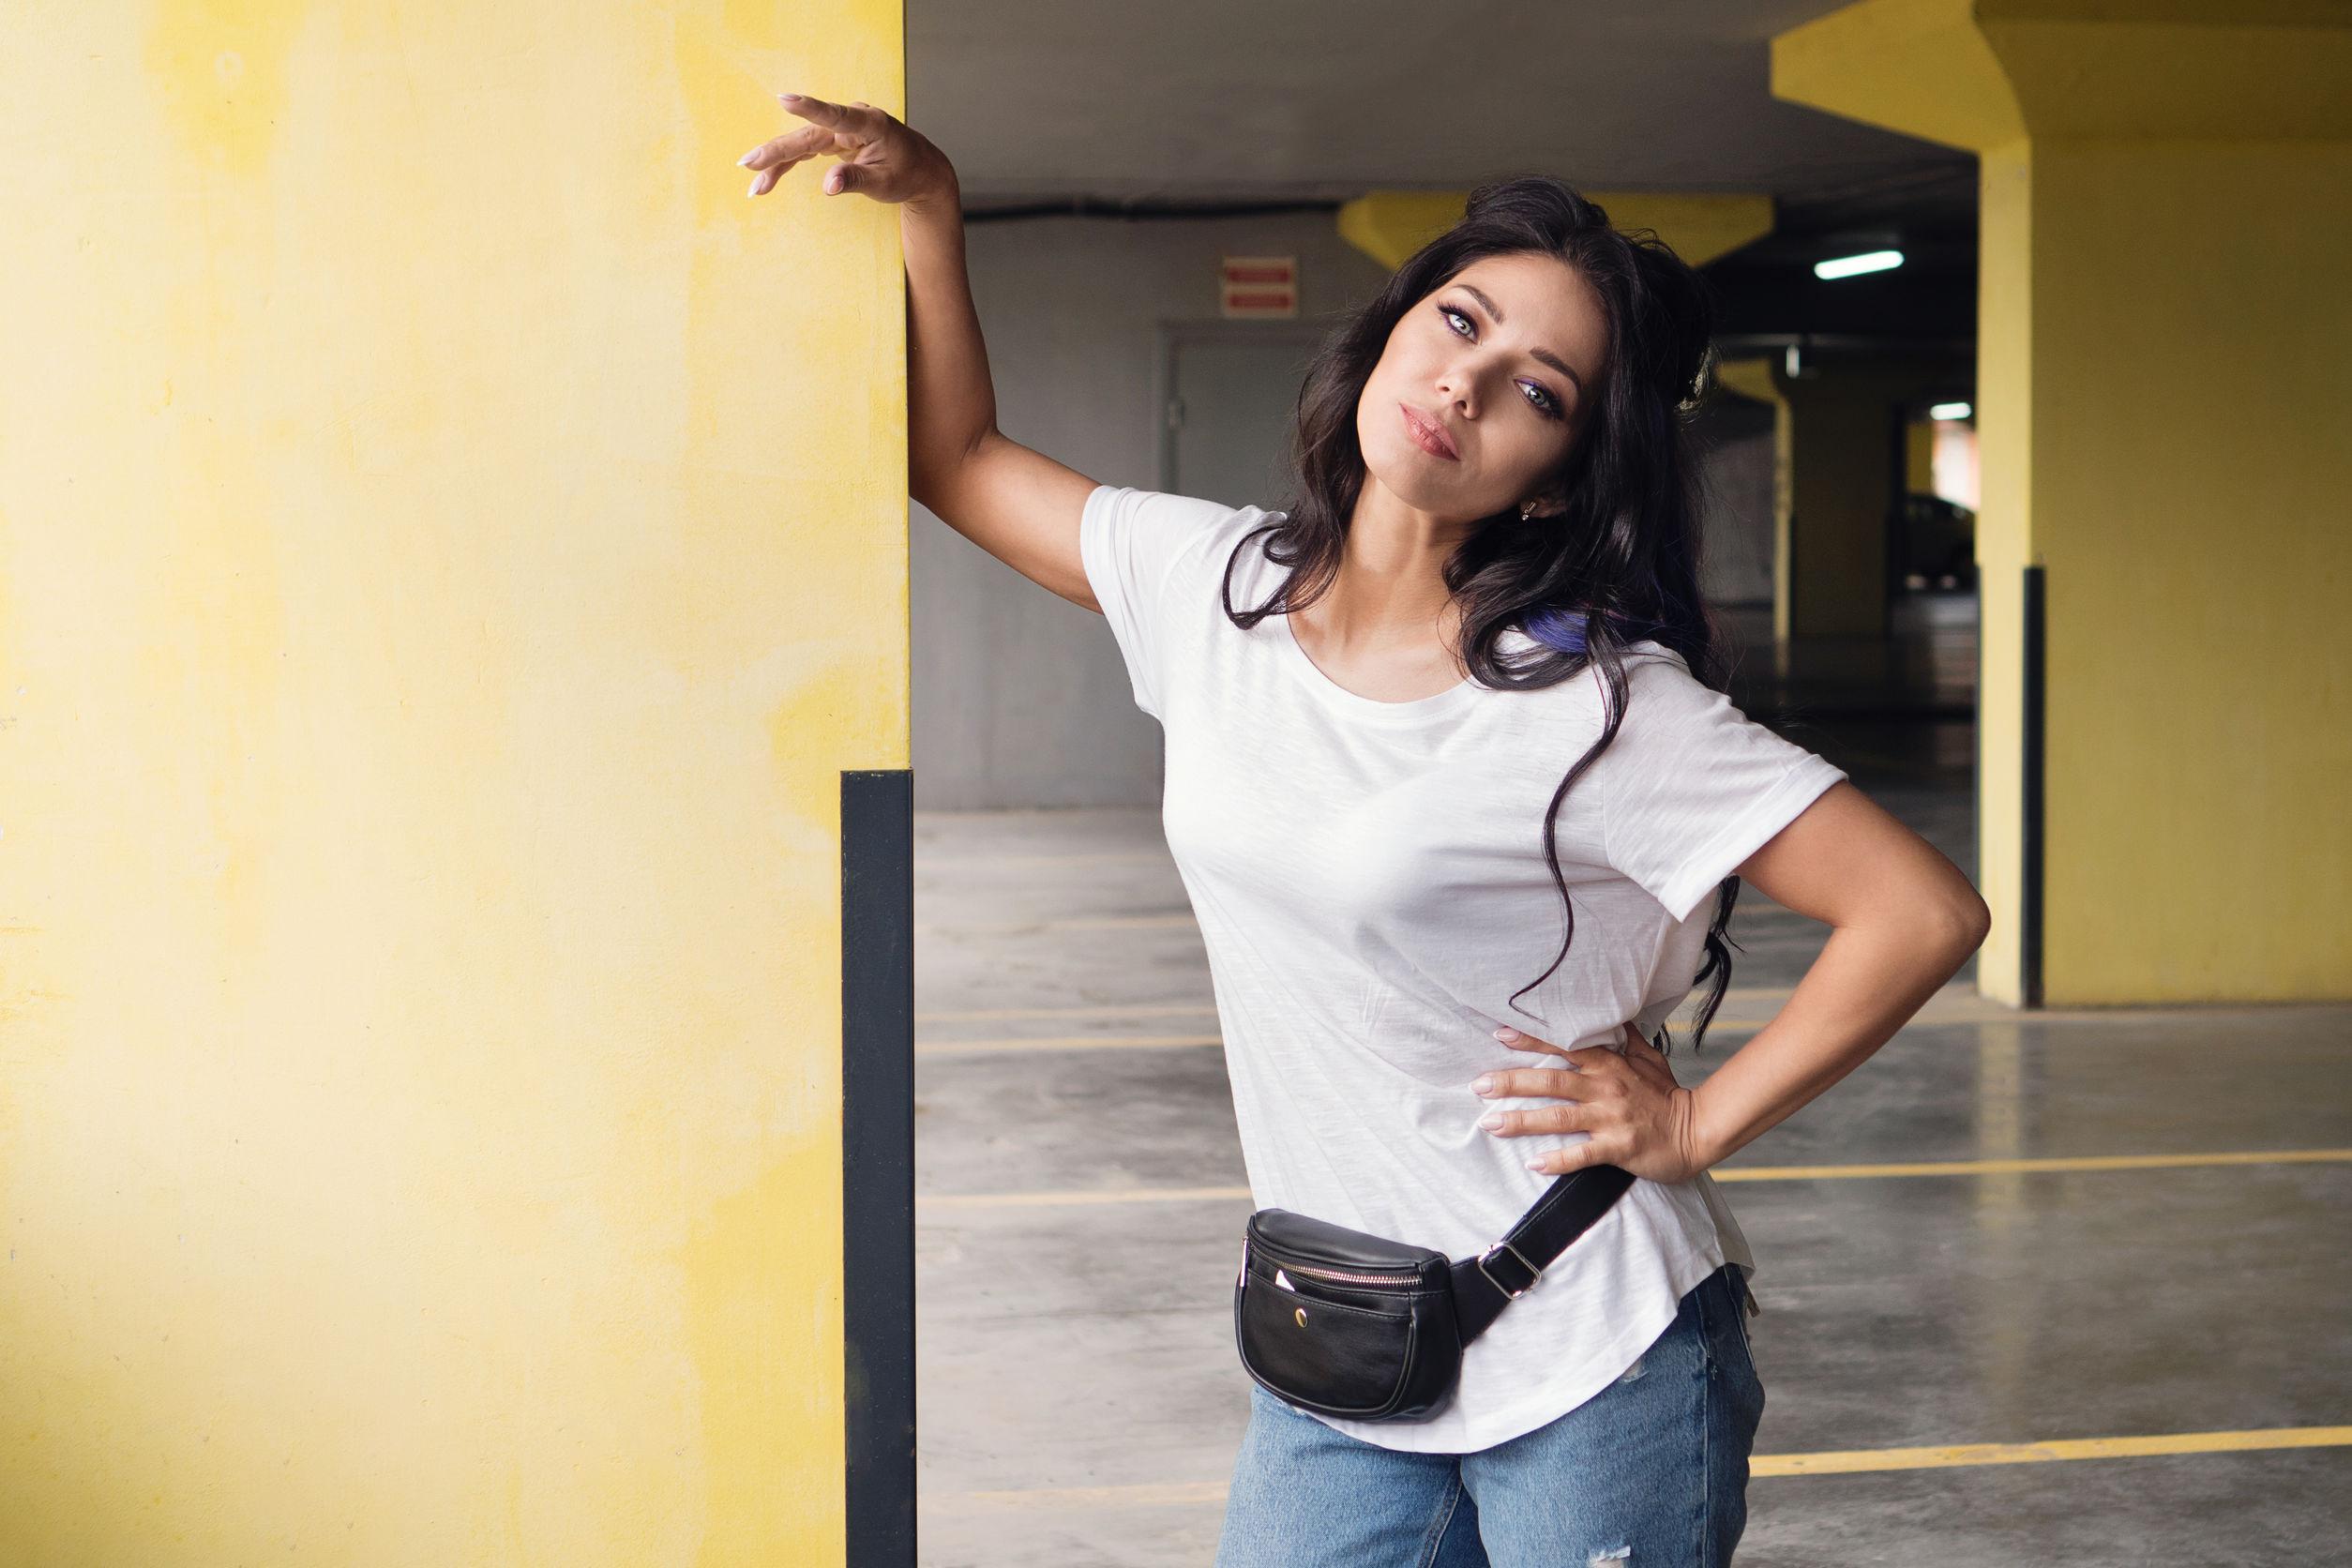 morena despreocupada con mechones de cabello de colores posando en el estacionamiento subterráneo usando riñonera